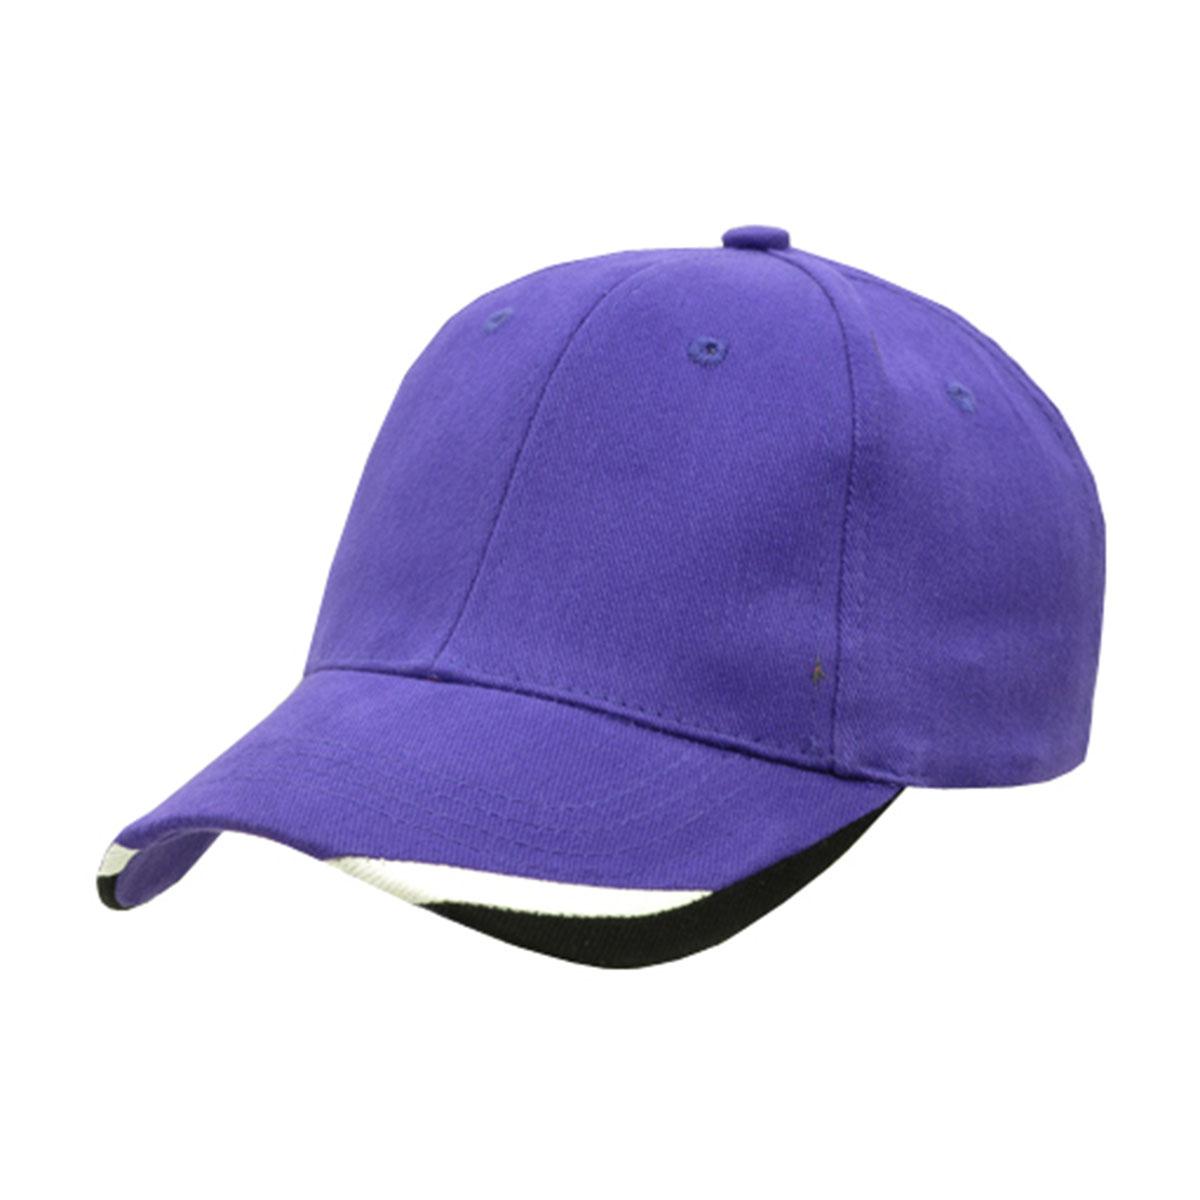 Bondi Cap-Purple / White / Black